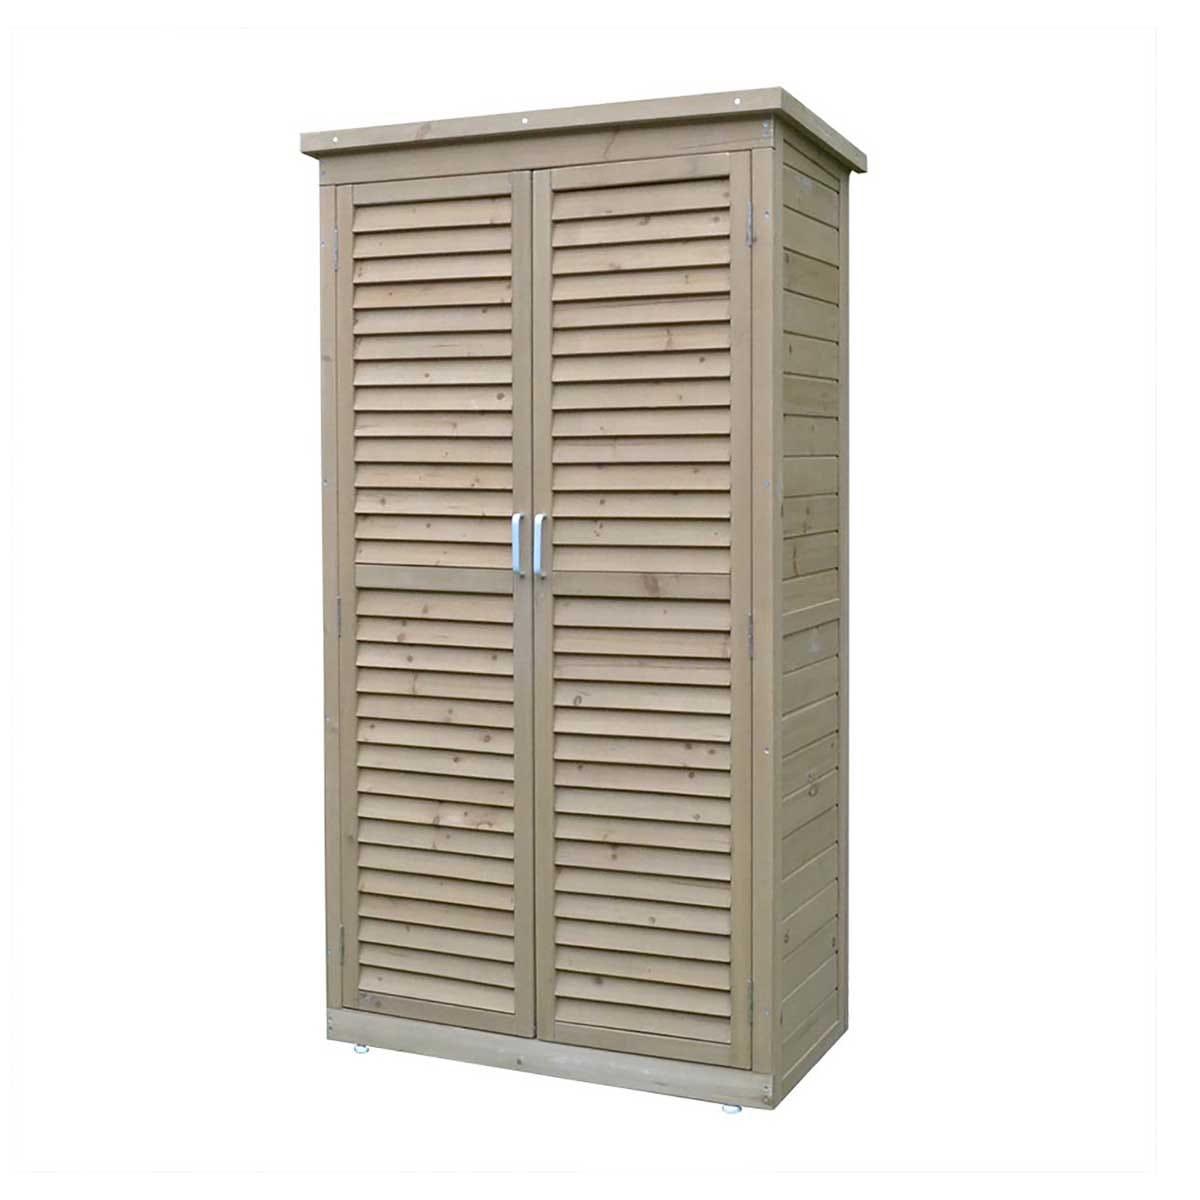 Airwave Garden Storage Unit - Brown